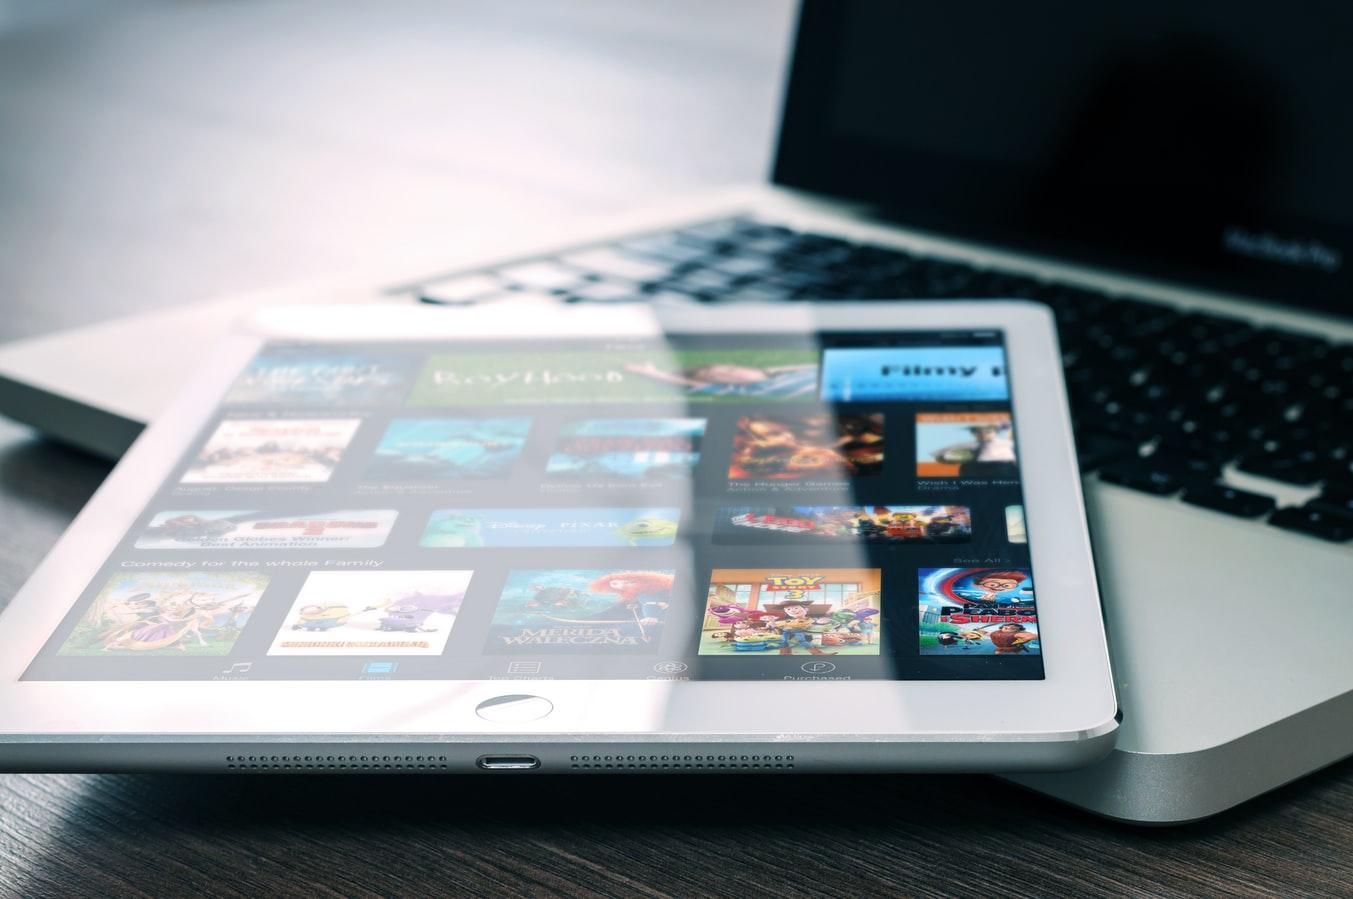 התוכנות לעיצוב הפופולריות בשוק העיצוב גרפי ותקשורת חזותית